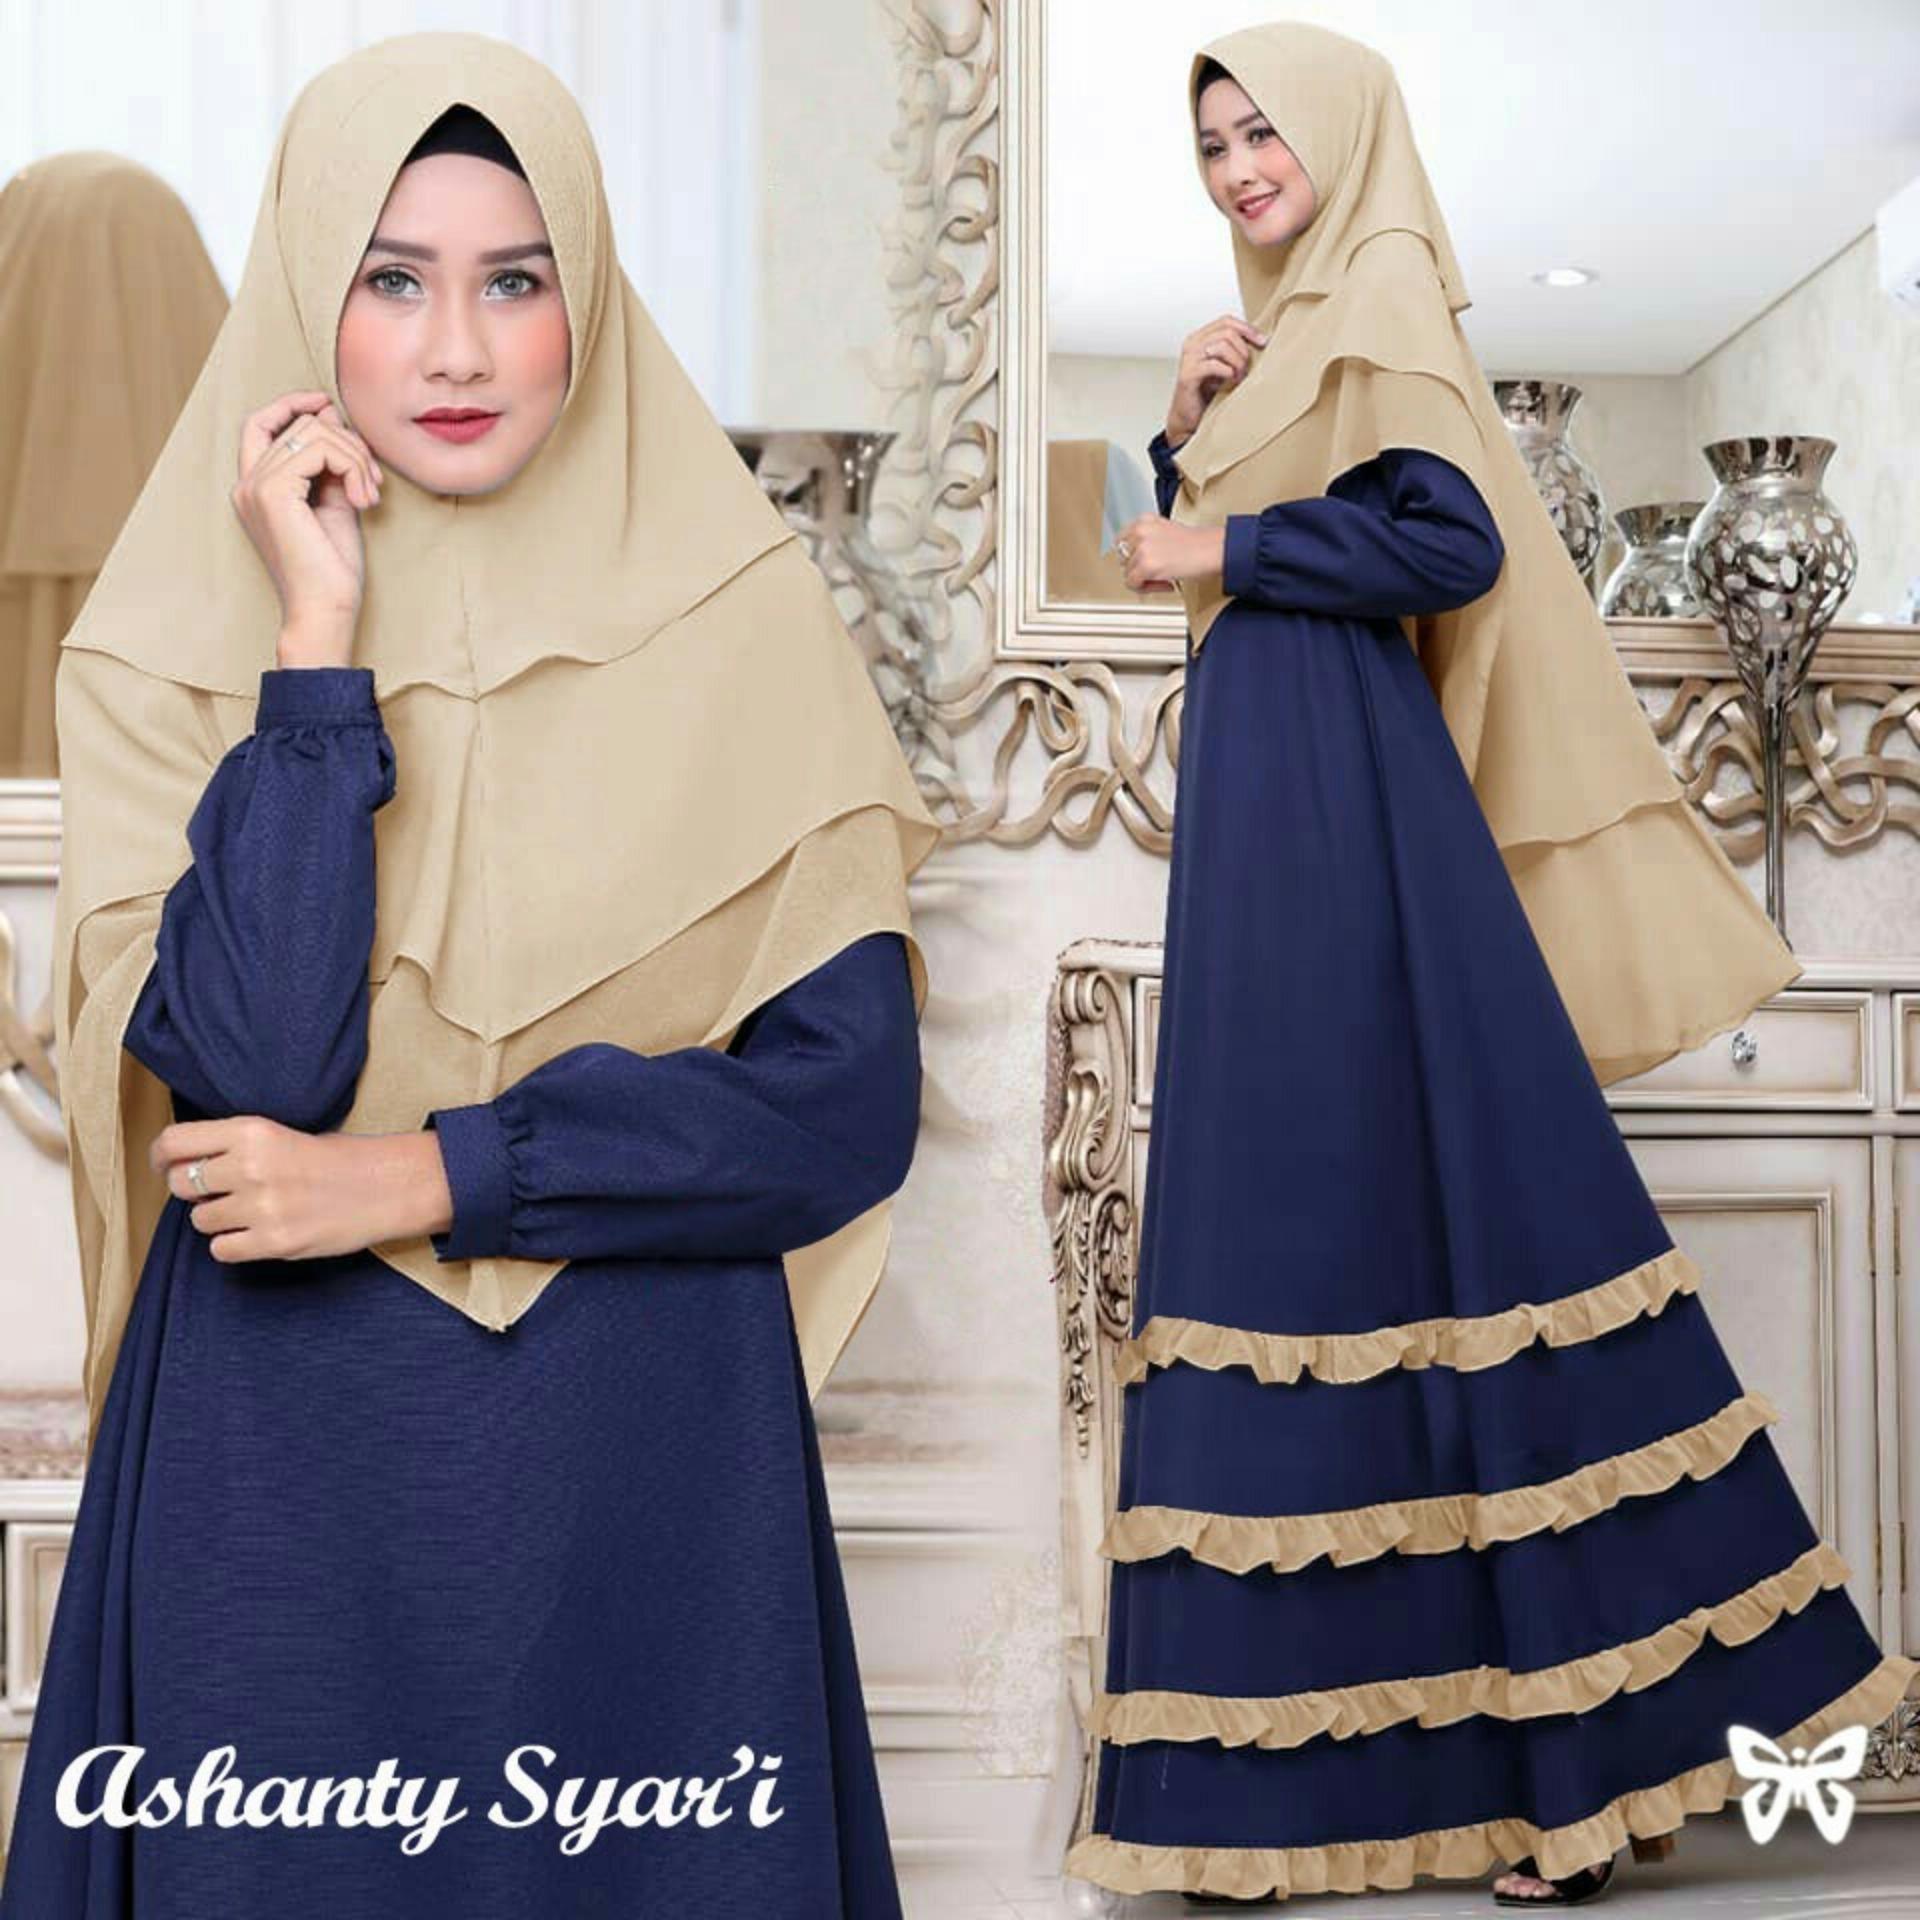 Busana Tunik Dress Gamis Syari Maxi Muslimah Ashanty biru dongker